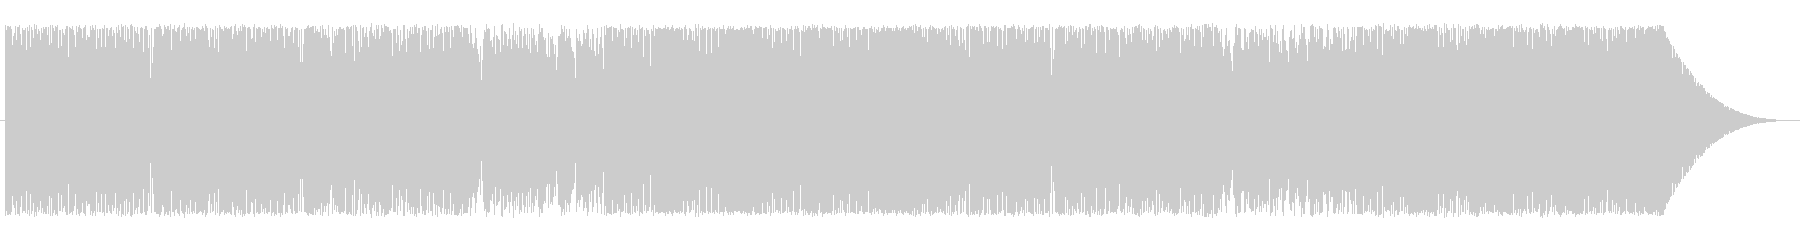 ピアノ(ハイスピード)の未再生の波形